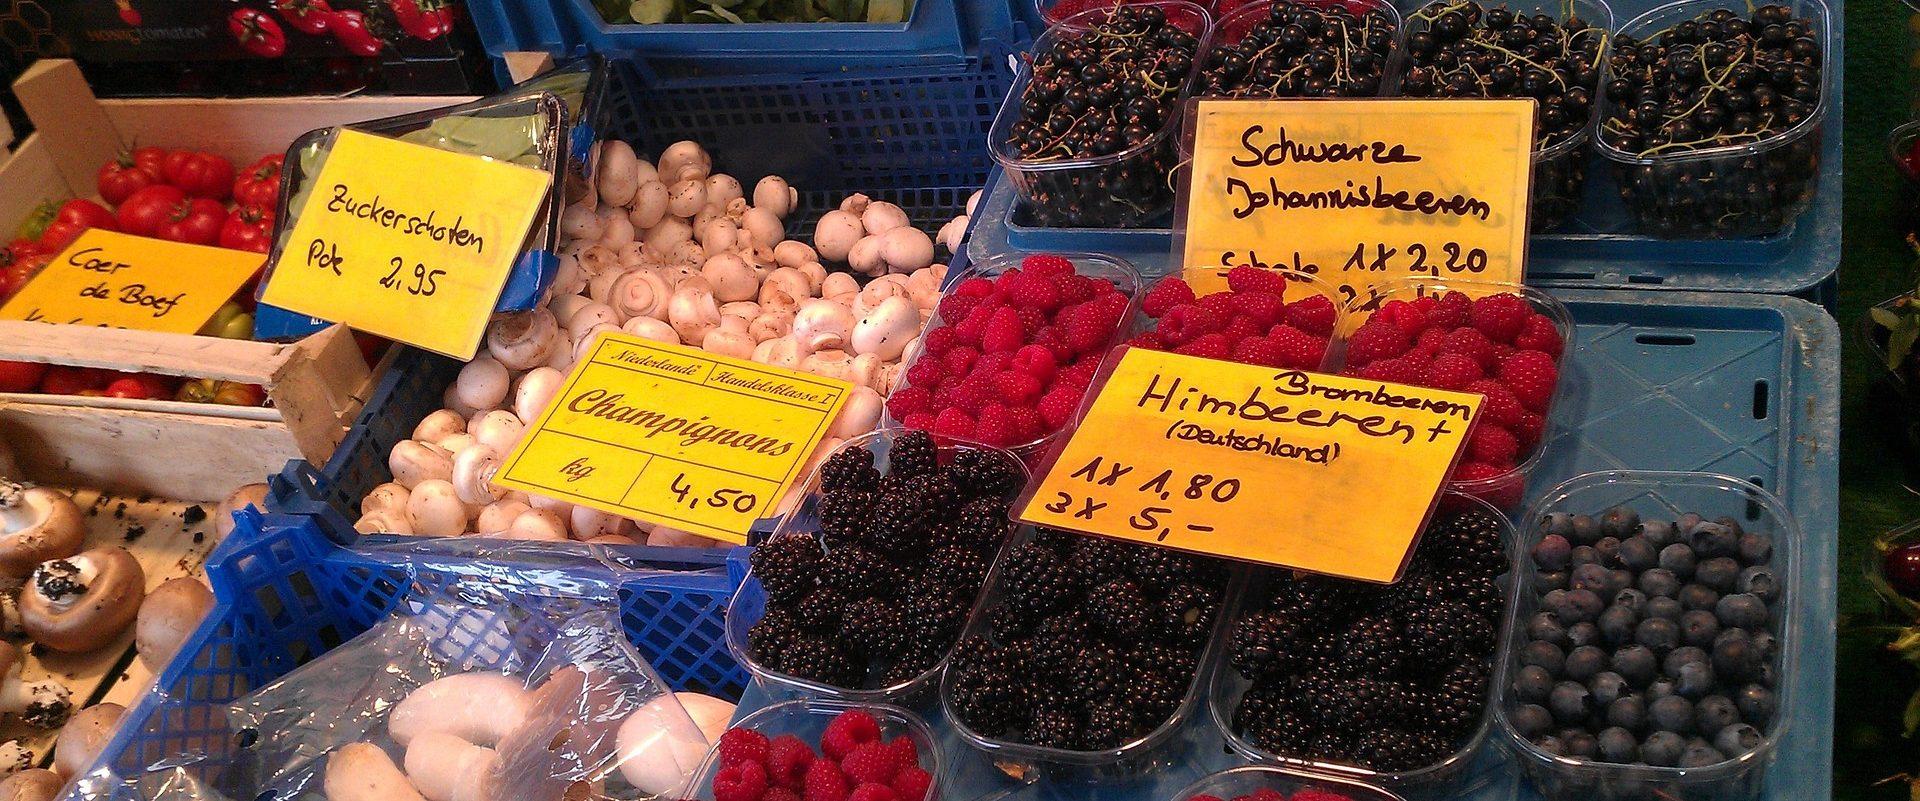 Regionales und saisonales Obst - Jeden Tag ein bisschen Wochenmarkt.